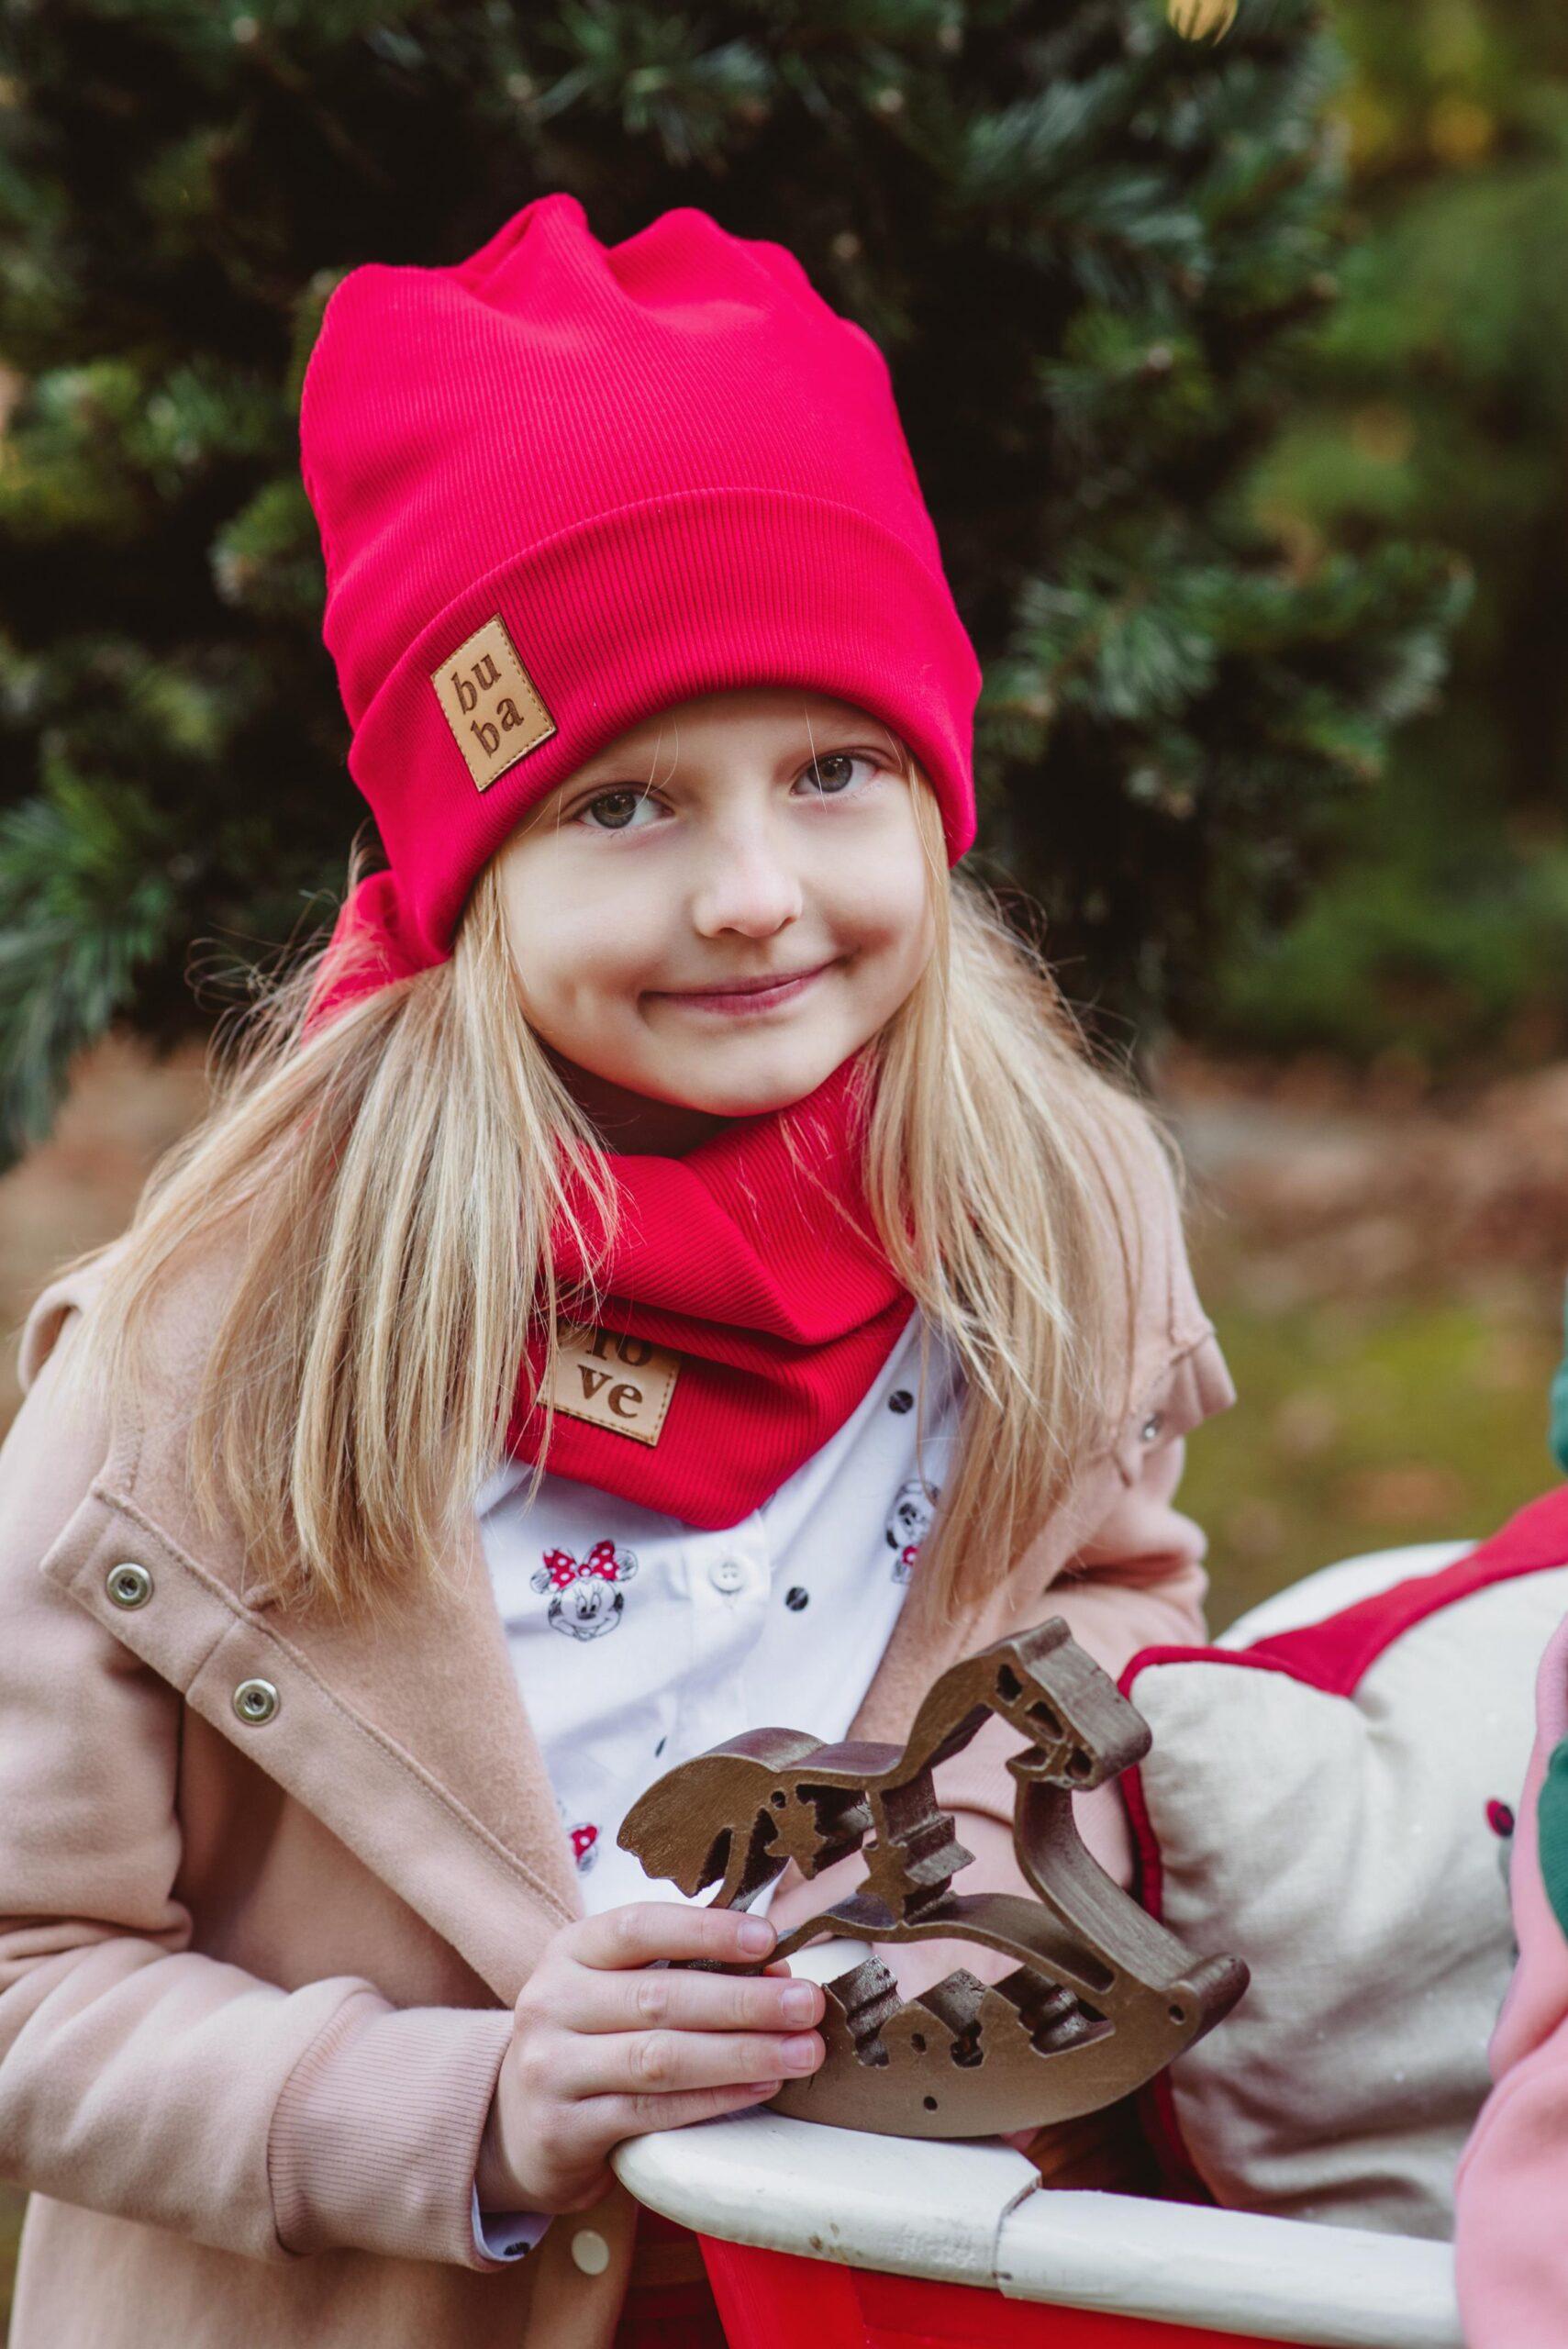 Czapka dziecięca wiosenno jesienna z kominem- czerwona - Bubalove | JestemSlow.pl